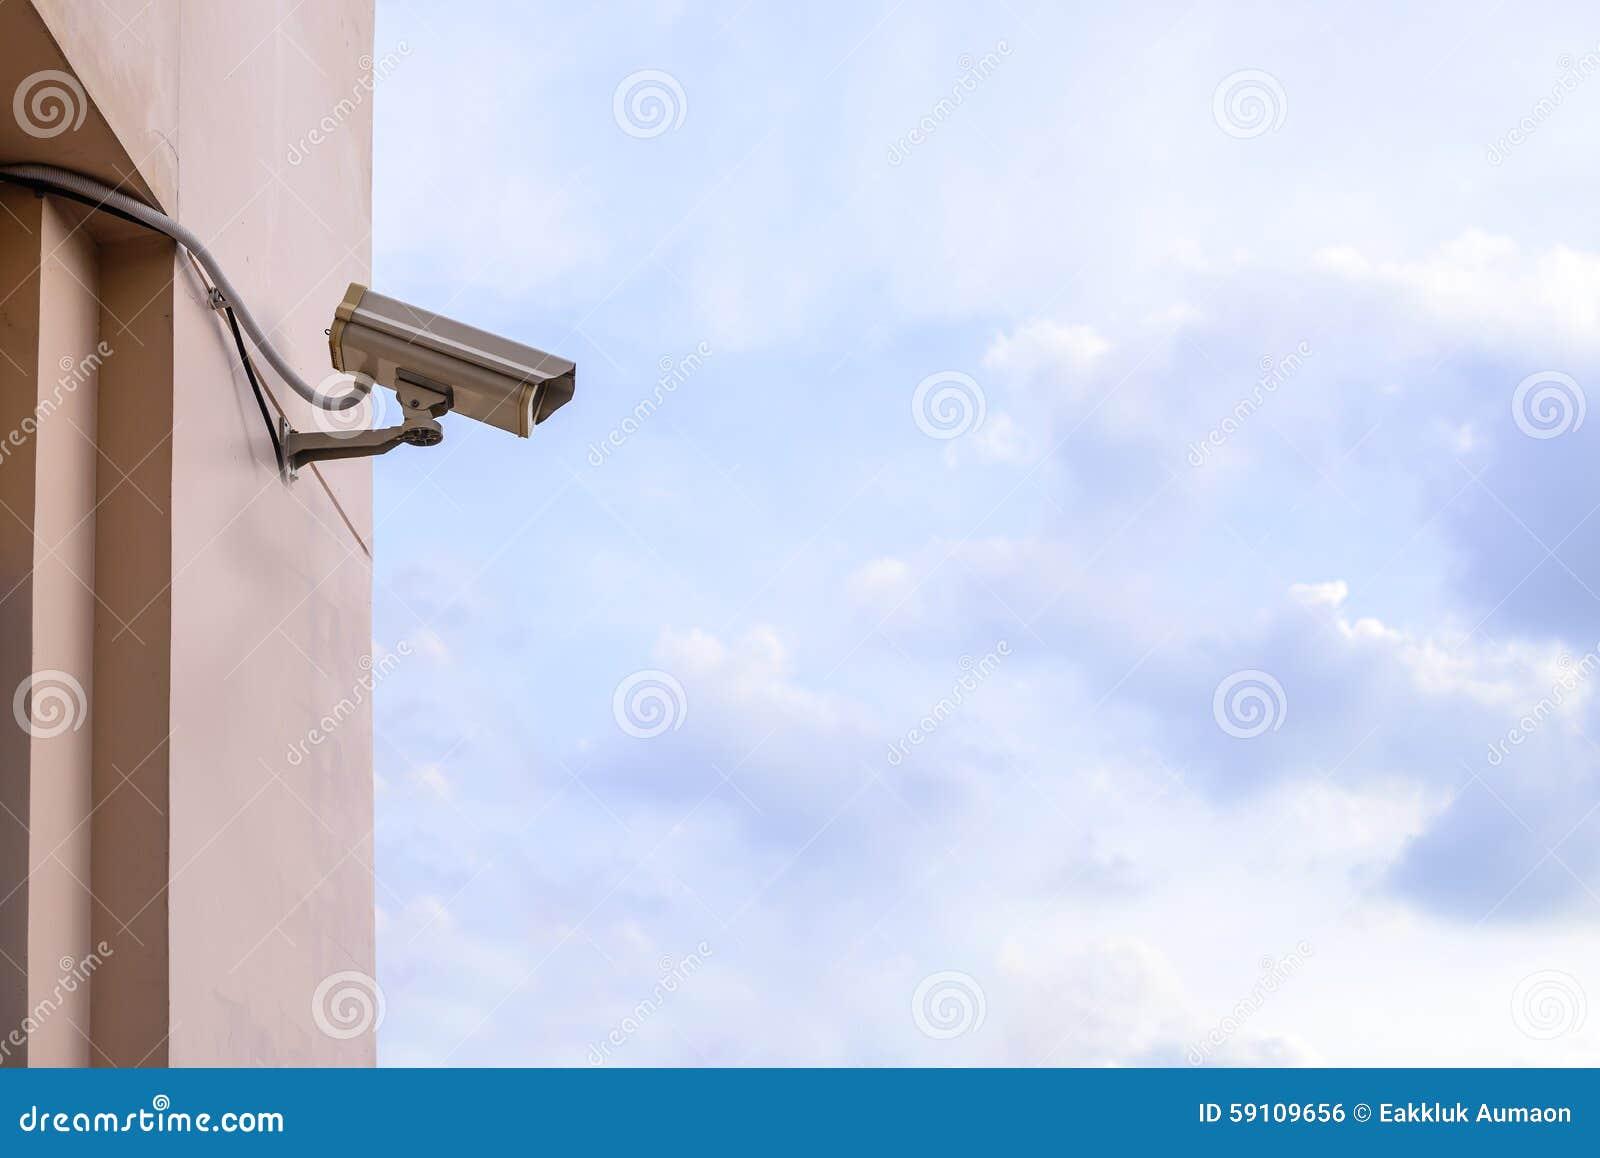 显示器事件的安全监控相机在城市